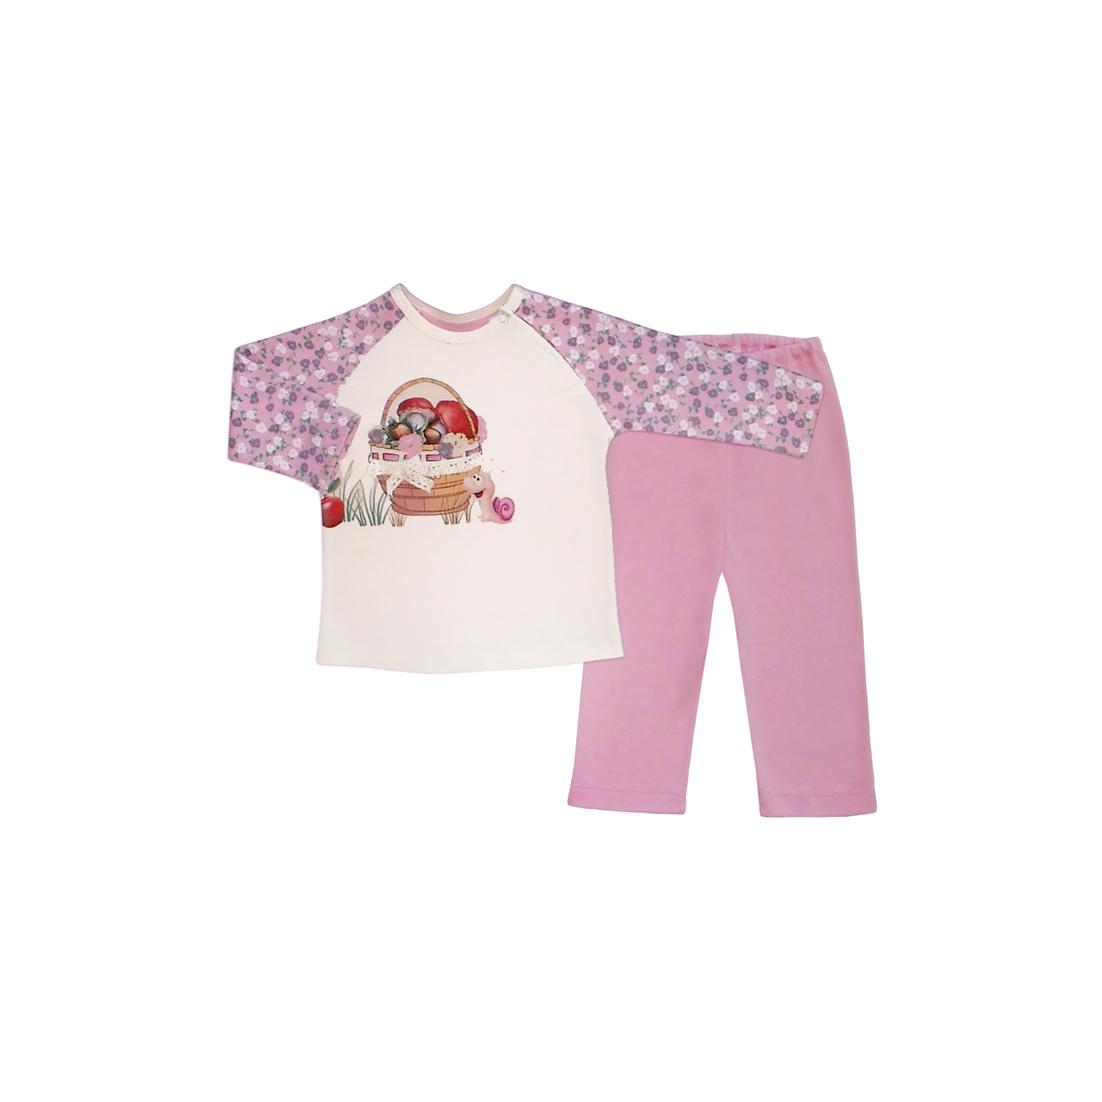 Комплект ясельный Бимоша: кофточка+ползунки, цвет молоко/розовый (146053) 3-6 мес.